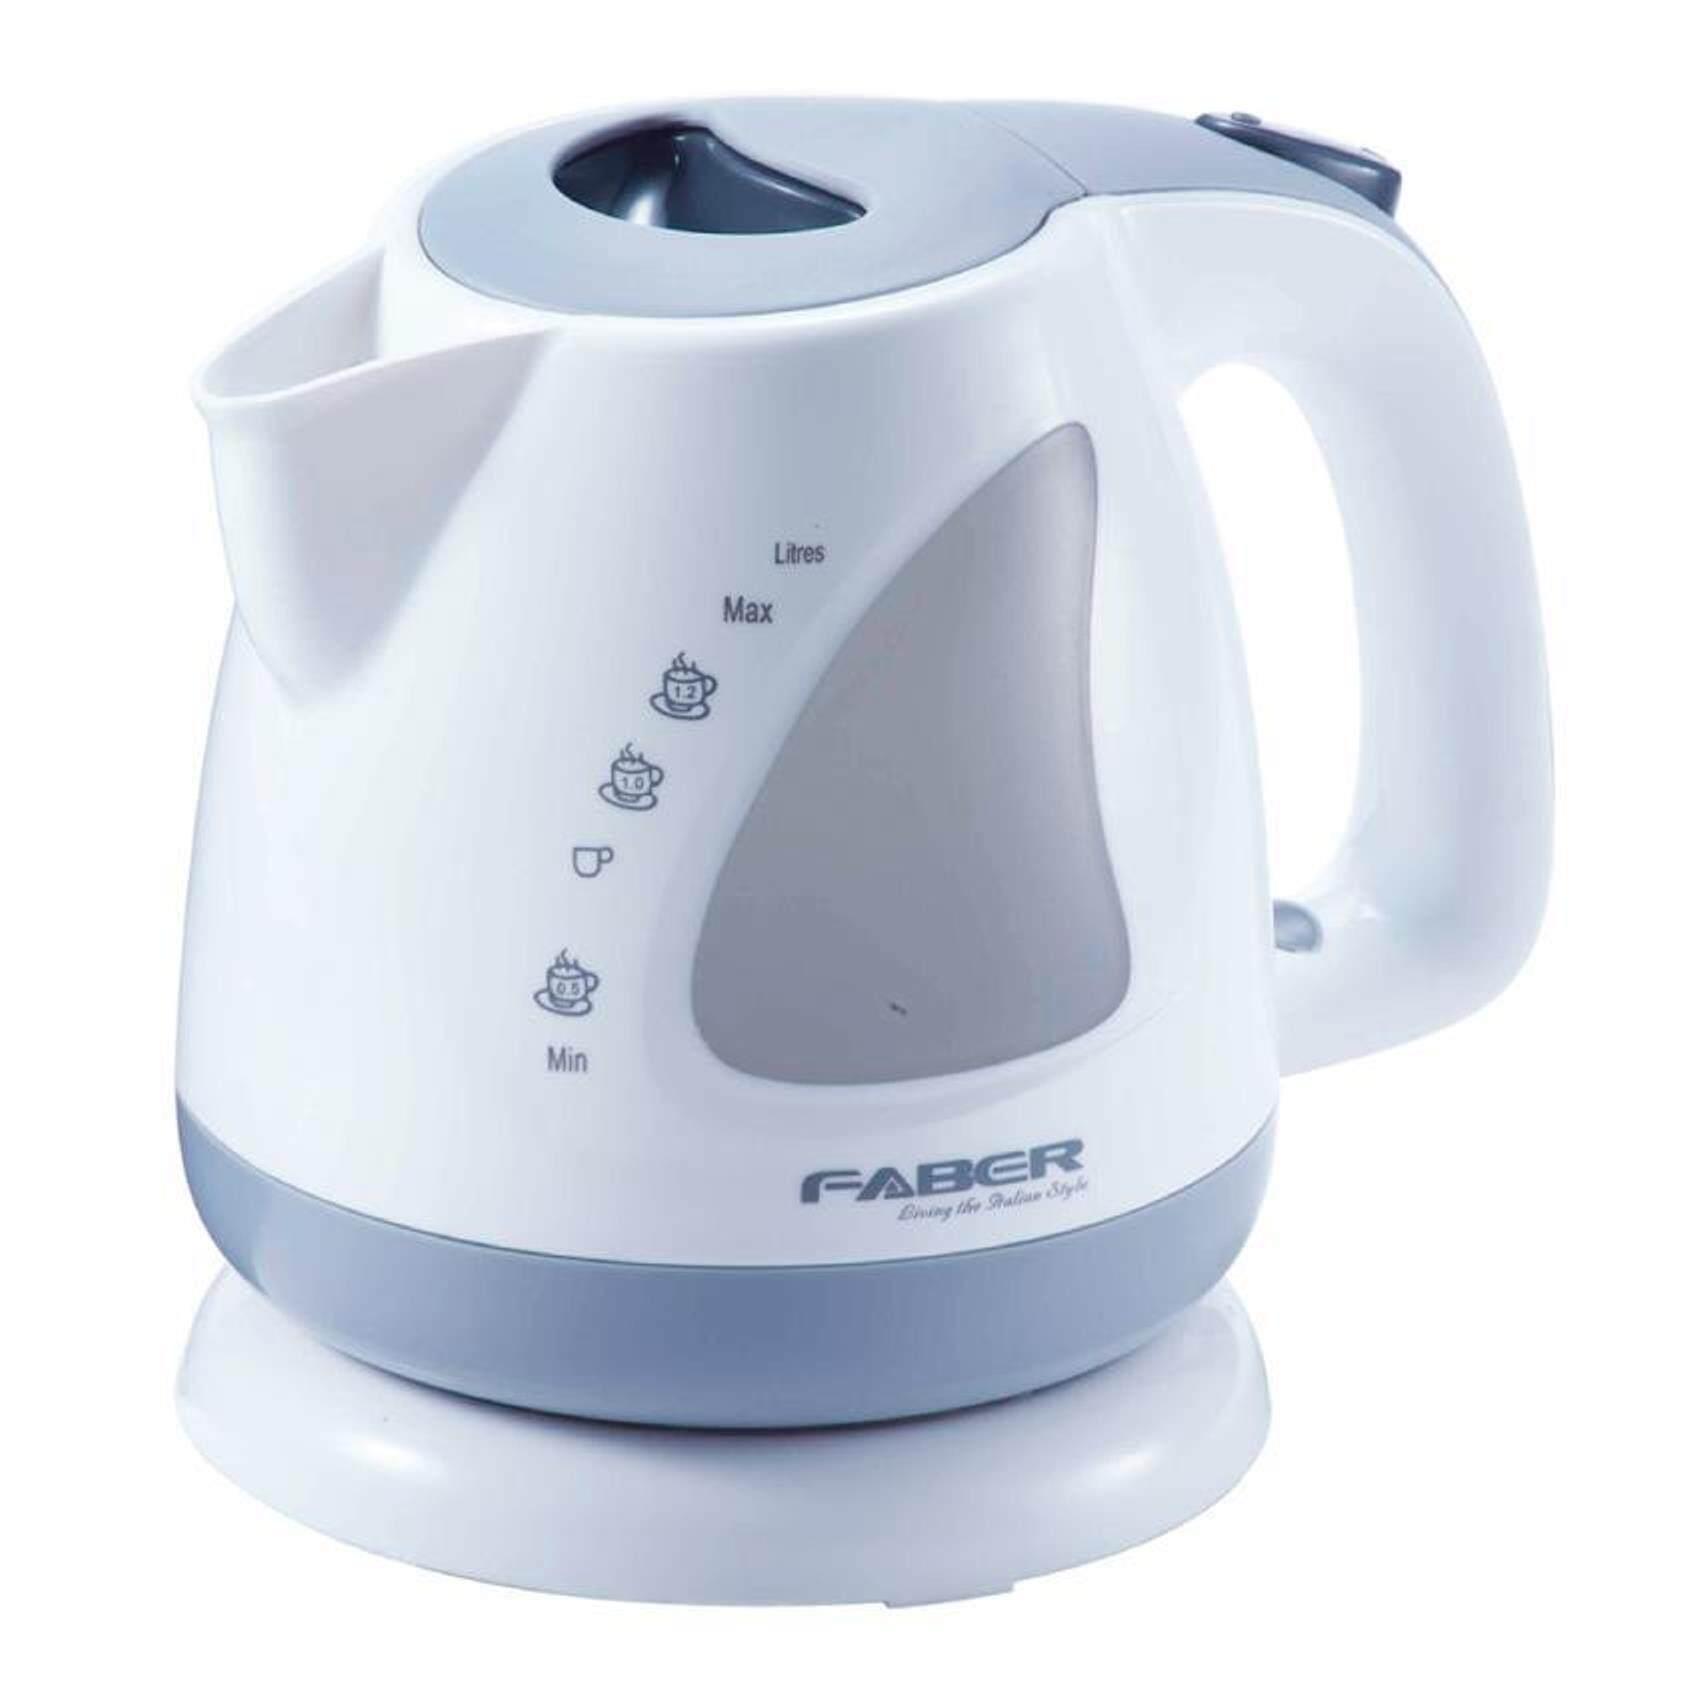 Faber Jug Kettle FCK 122 1.2L